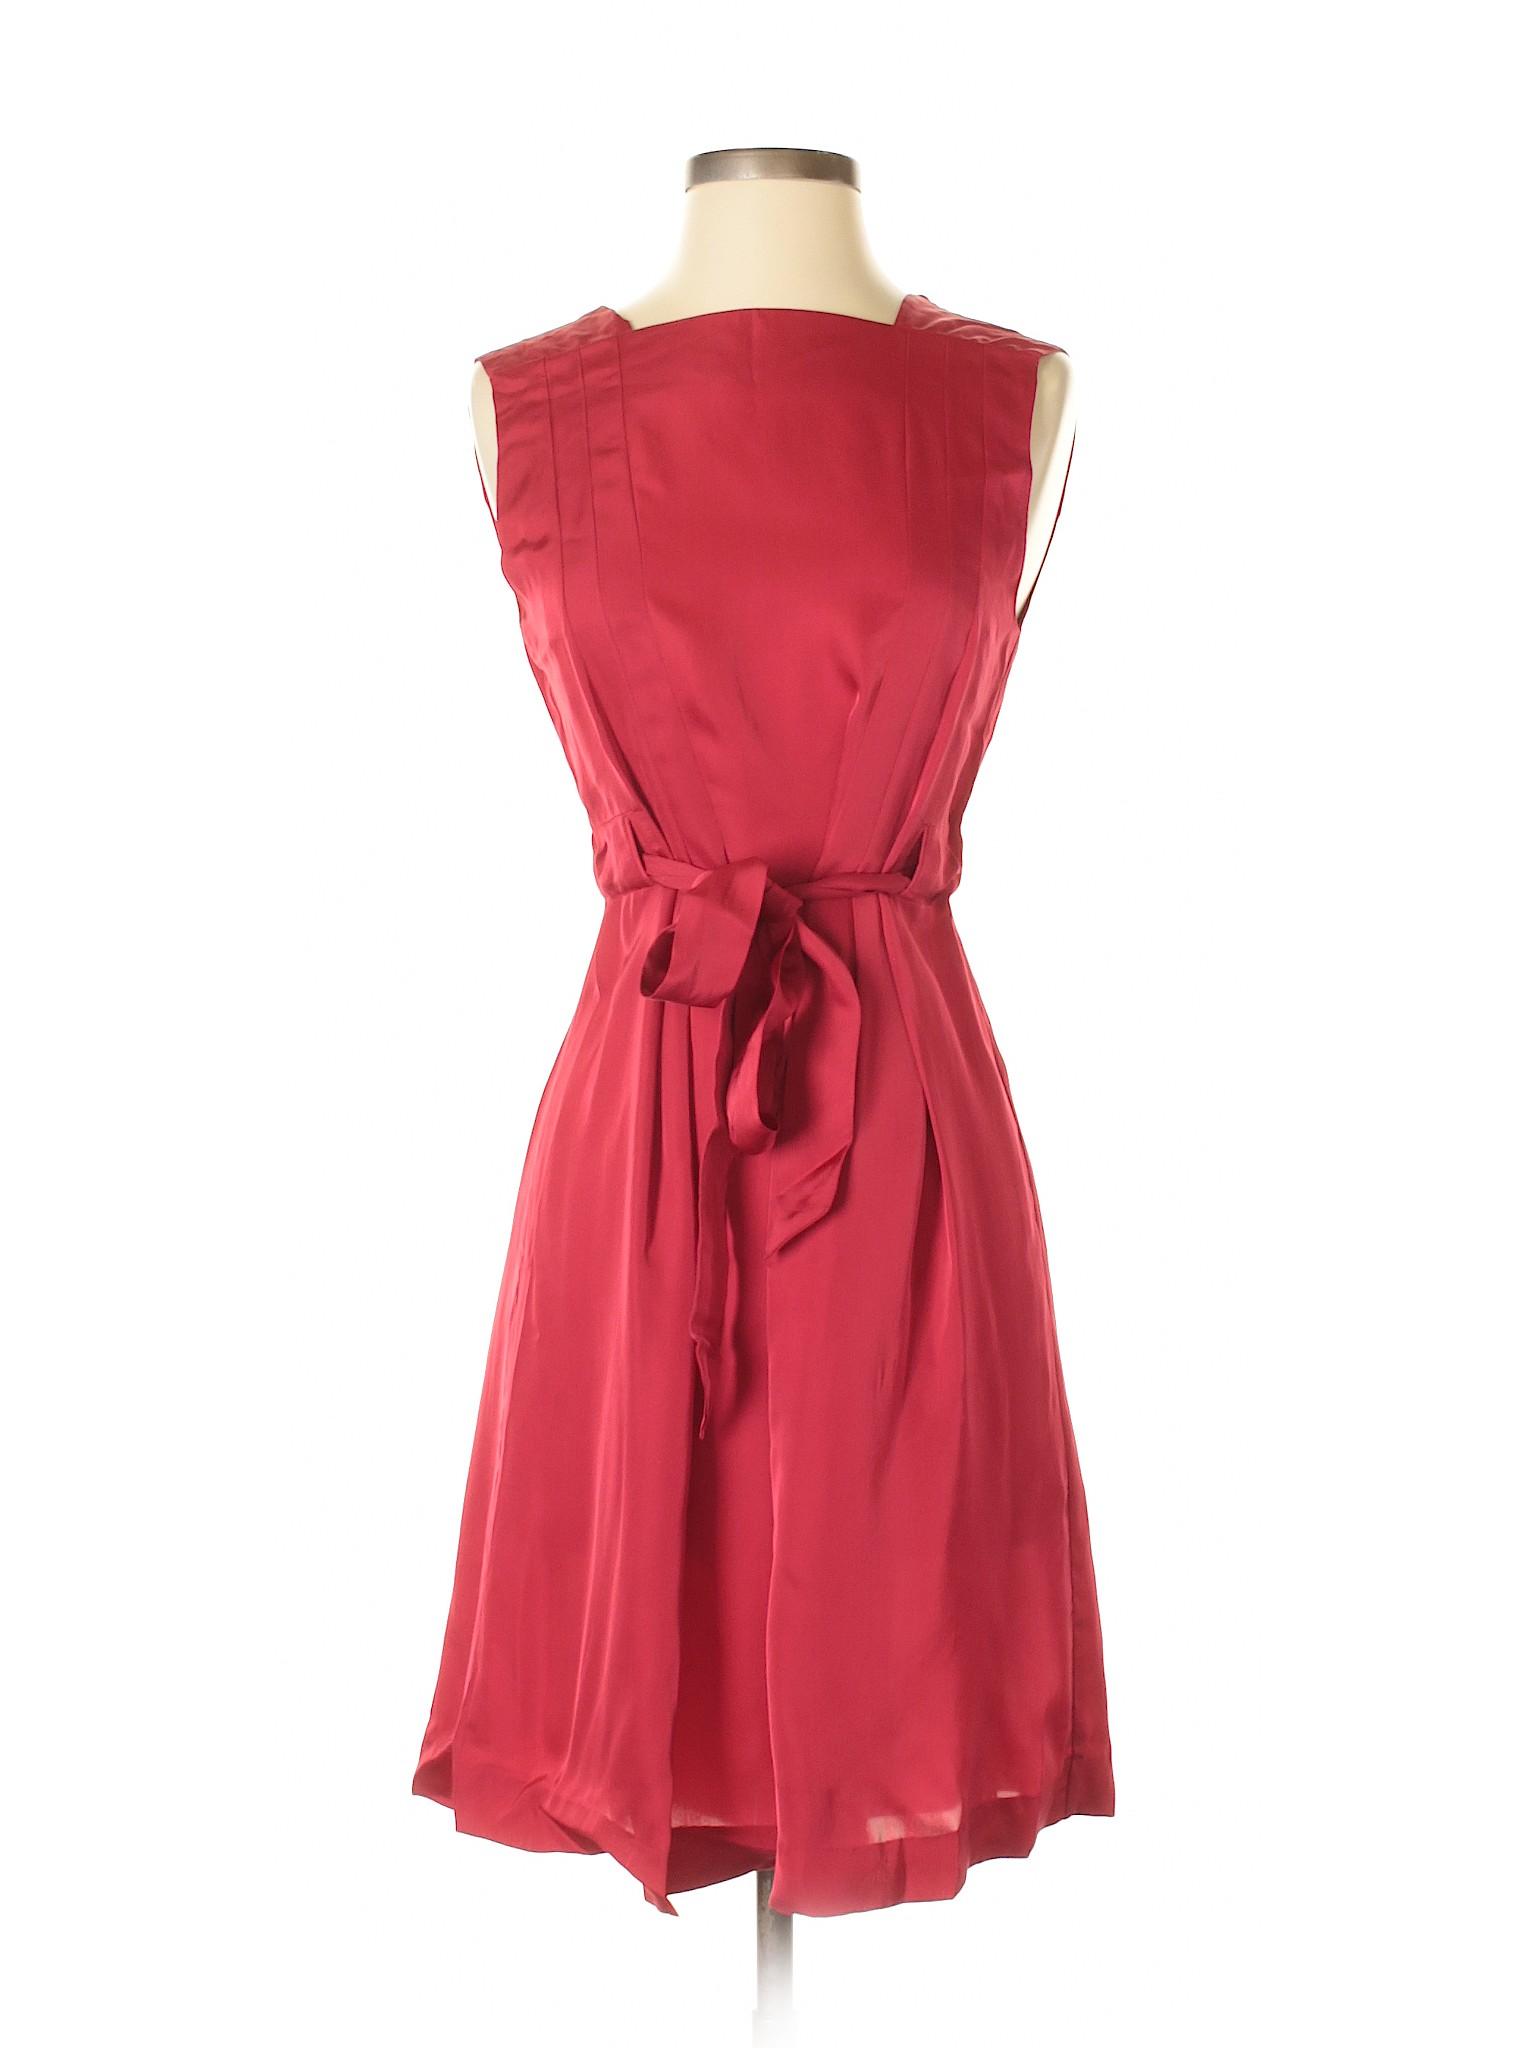 Selling Dress Dress Theory Dress Selling Casual Selling Selling Theory Casual Casual Theory qA1CUw5